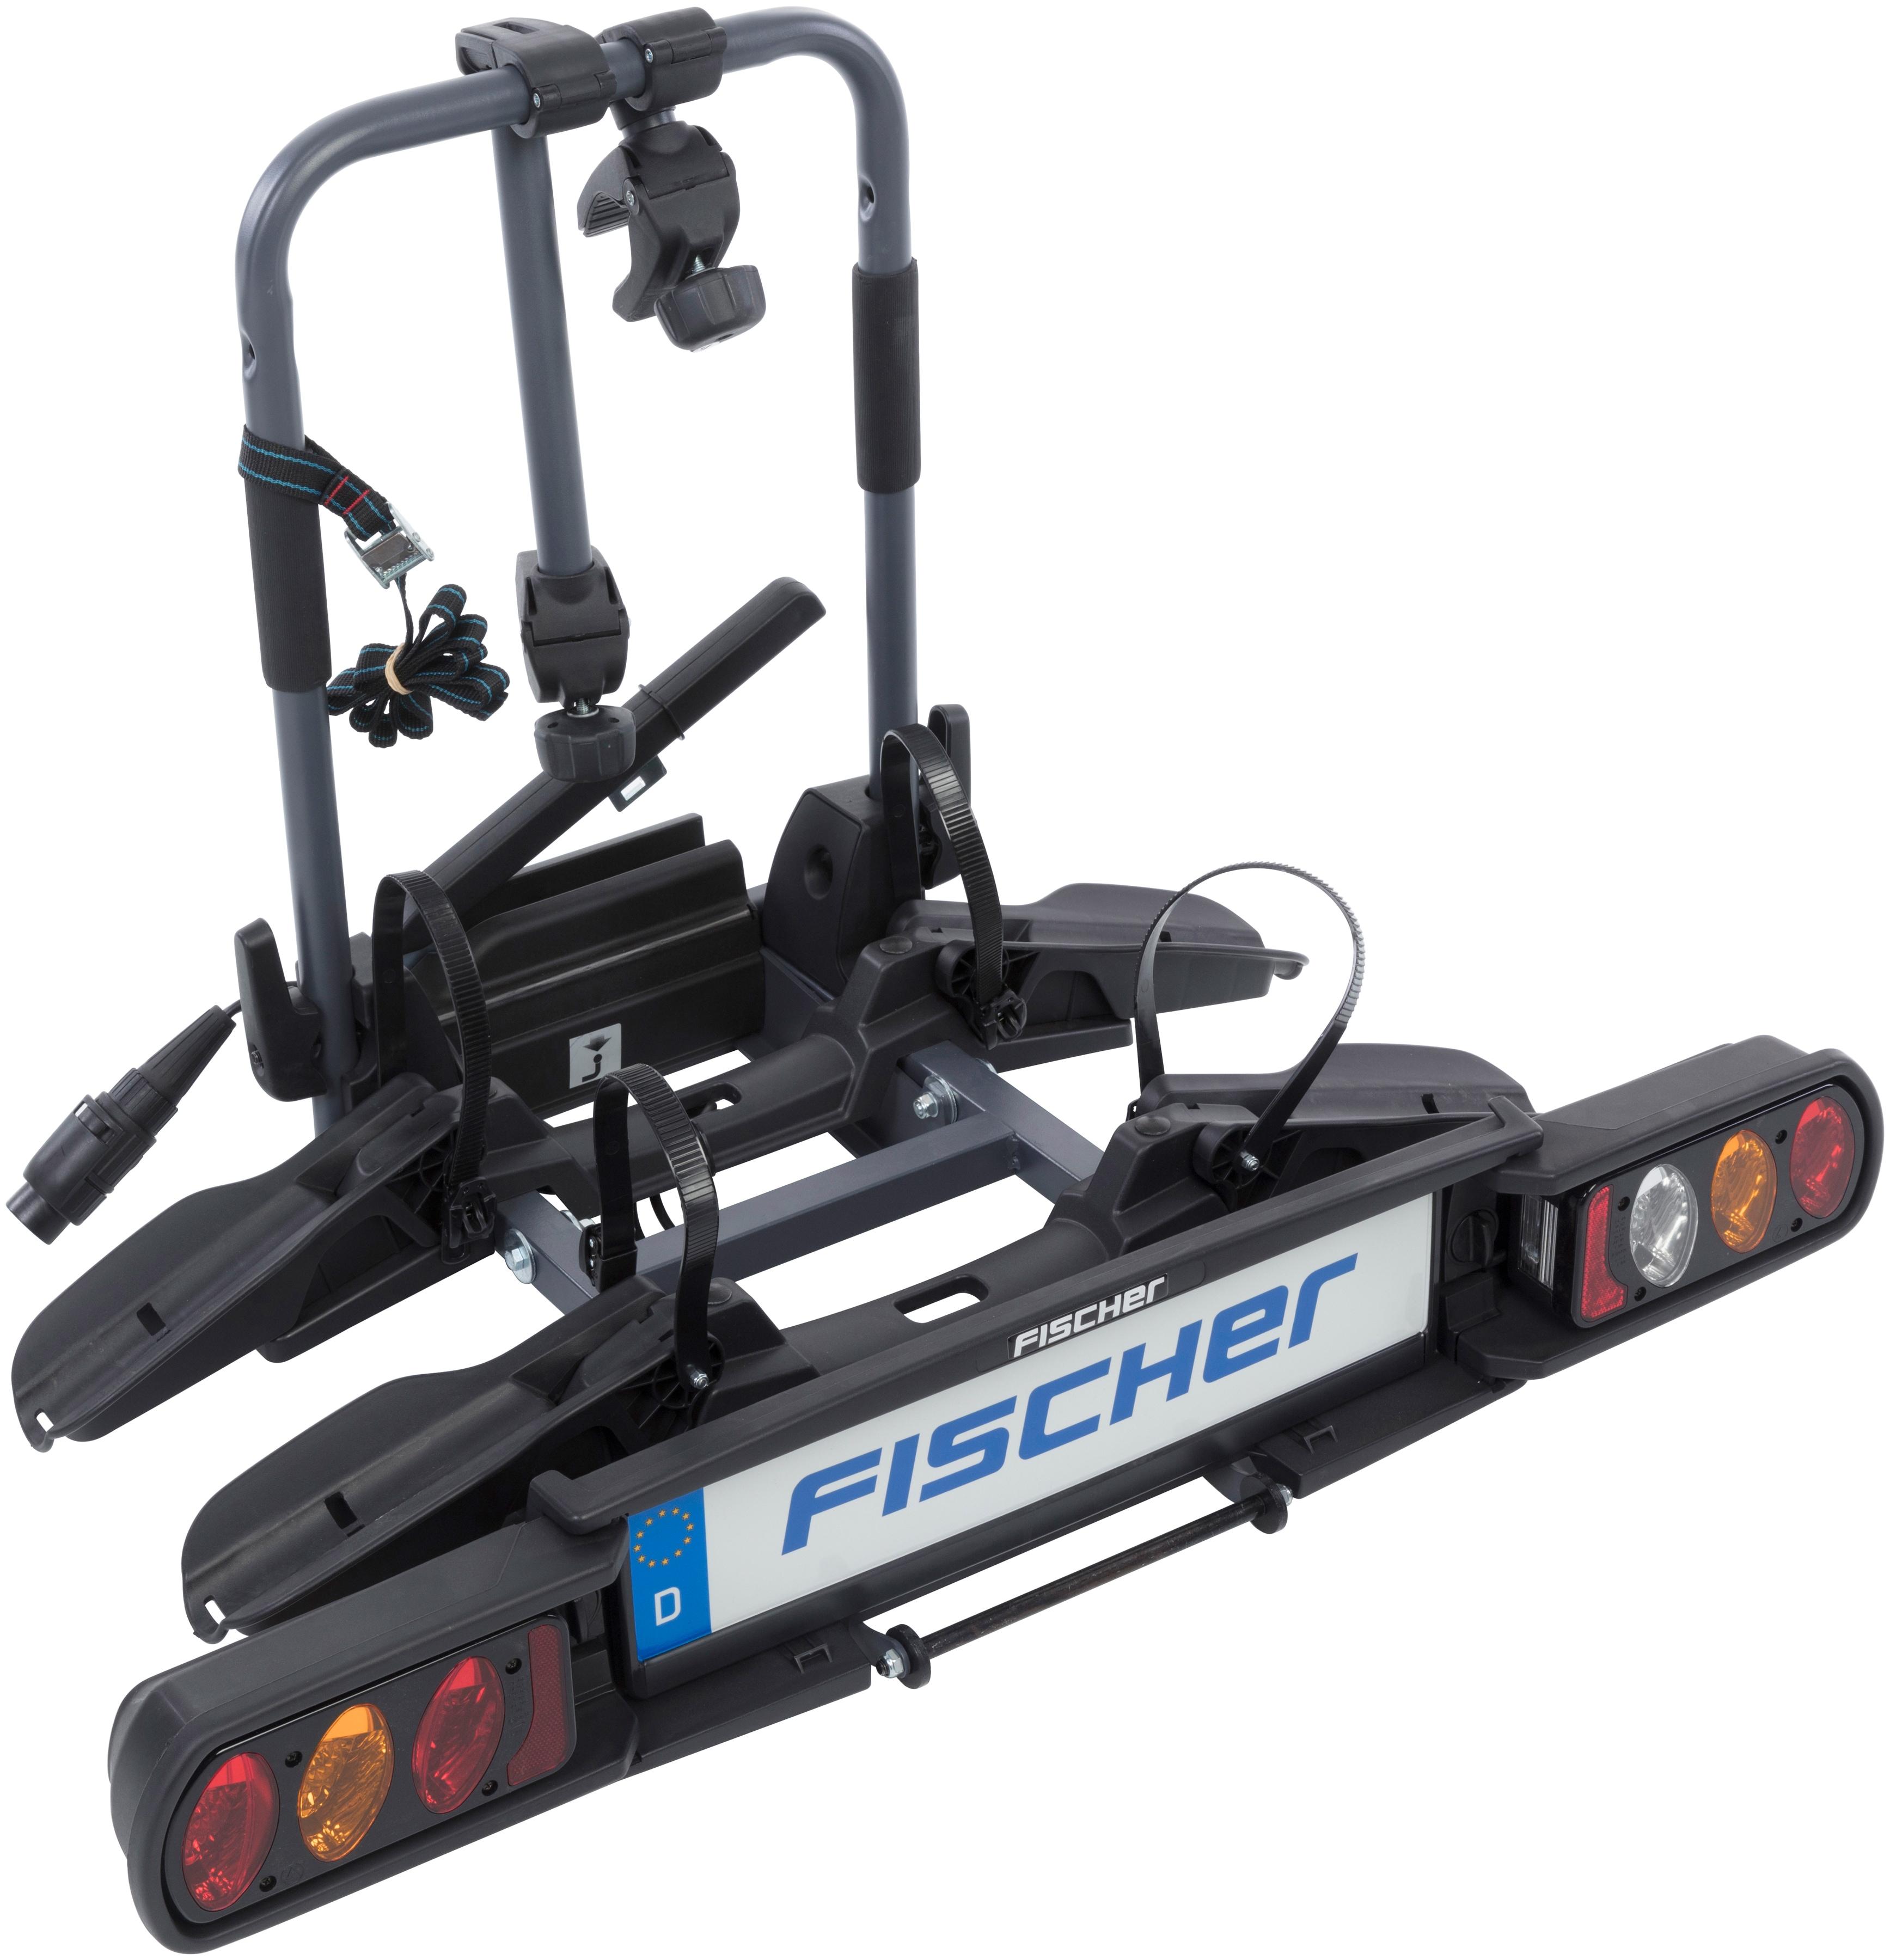 FISCHER Fahrräder Heckfahrradträger ProlineEvo schwarz Fahrradträger Autozubehör Reifen